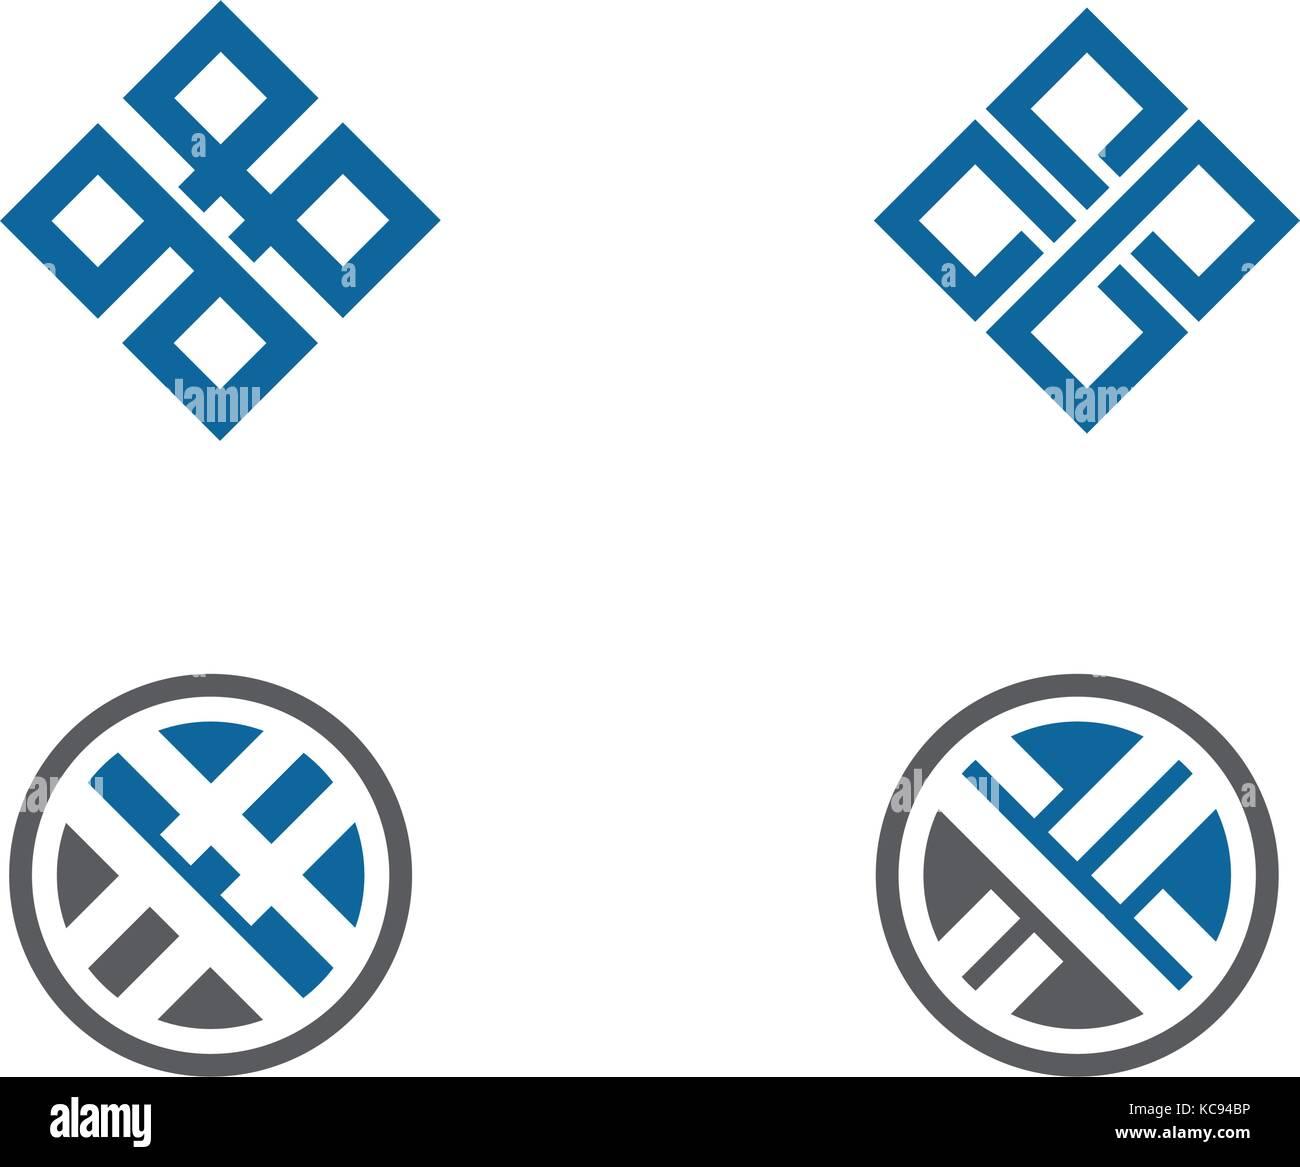 Logo Vector Template Corporate Media Stockfotos & Logo Vector ...